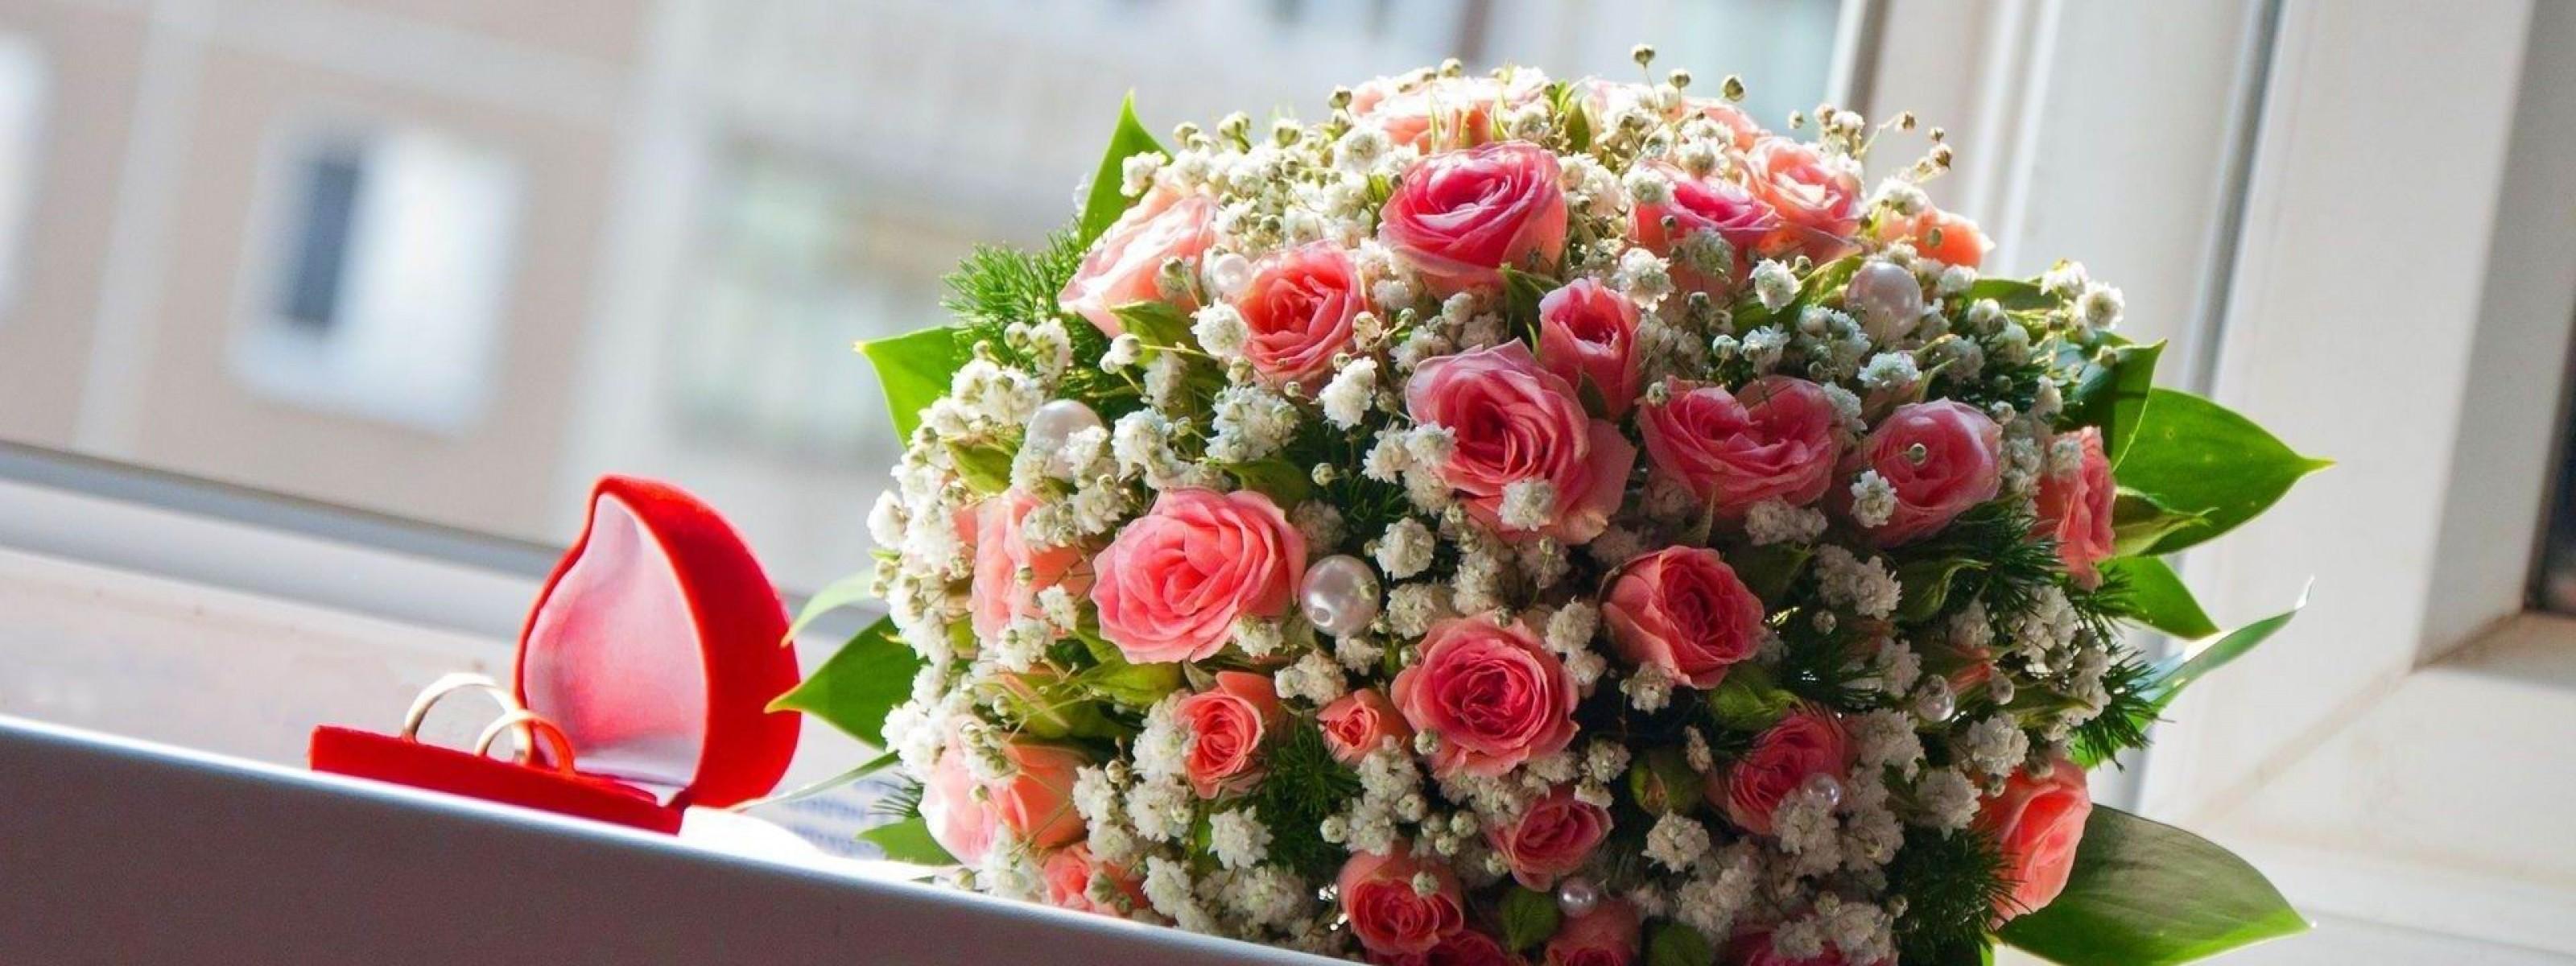 красивые цветы для поздравления с днем свадьбы